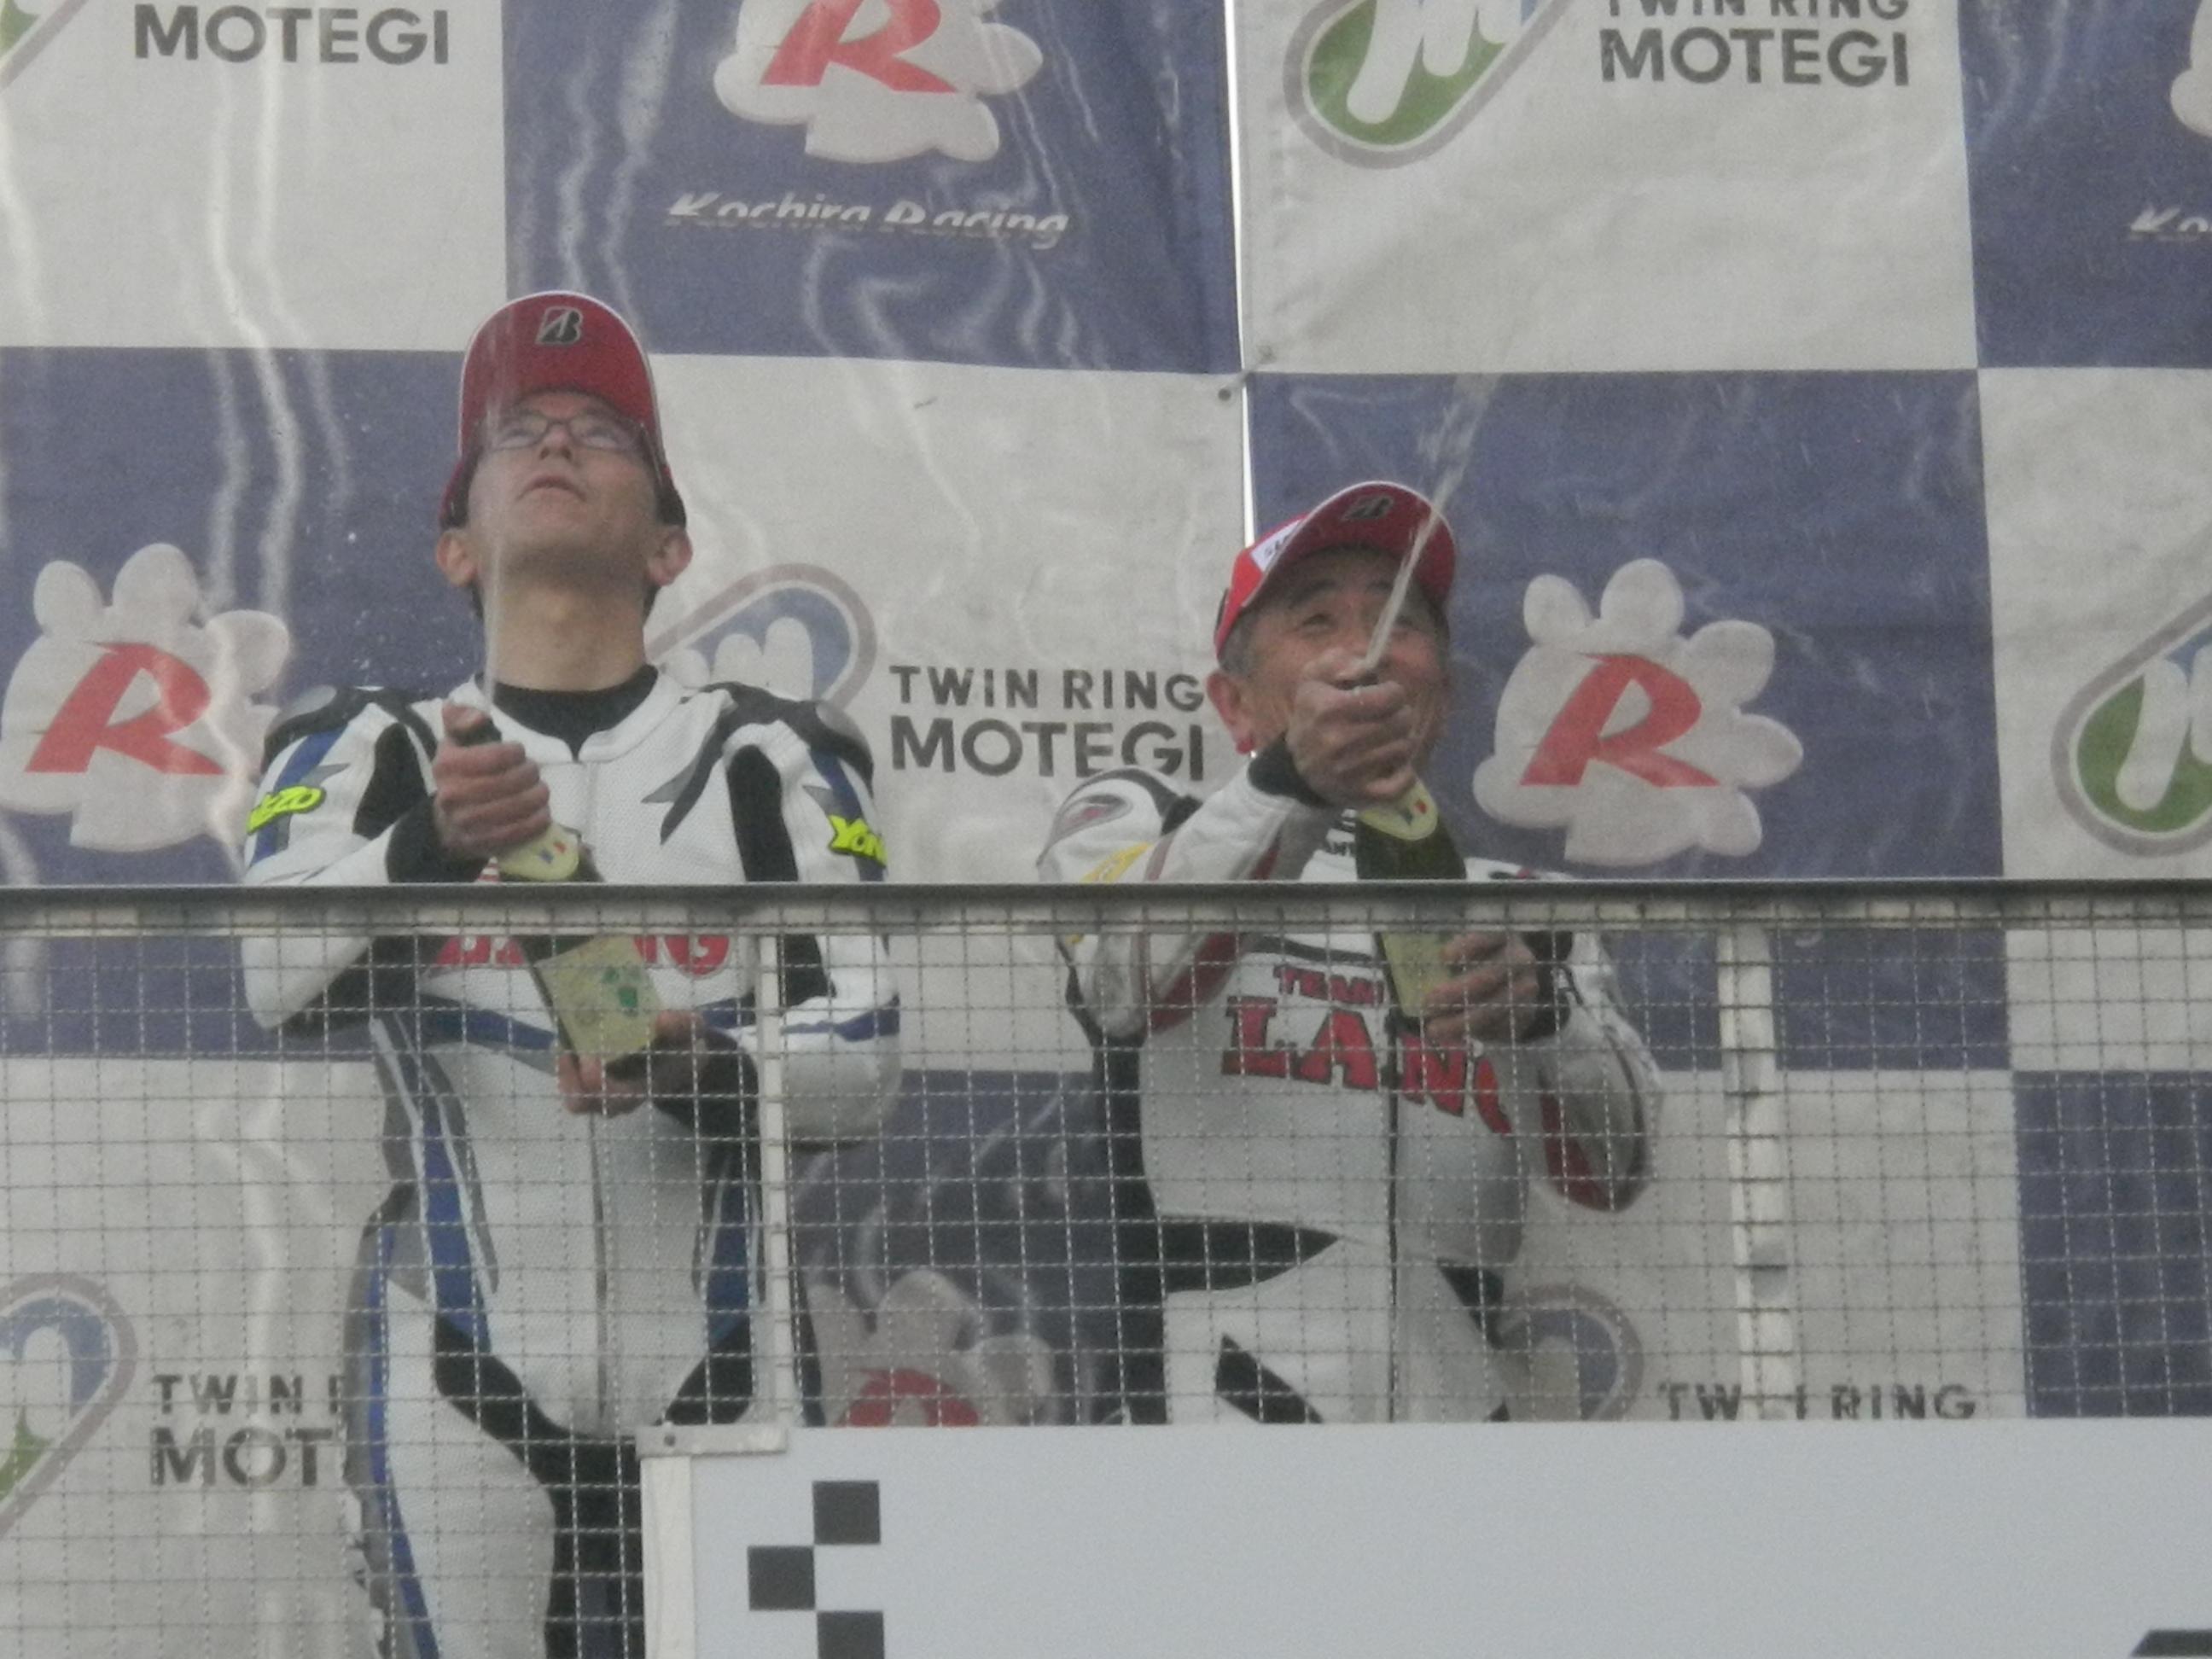 2016 もてぎロードレース選手権 第1戦